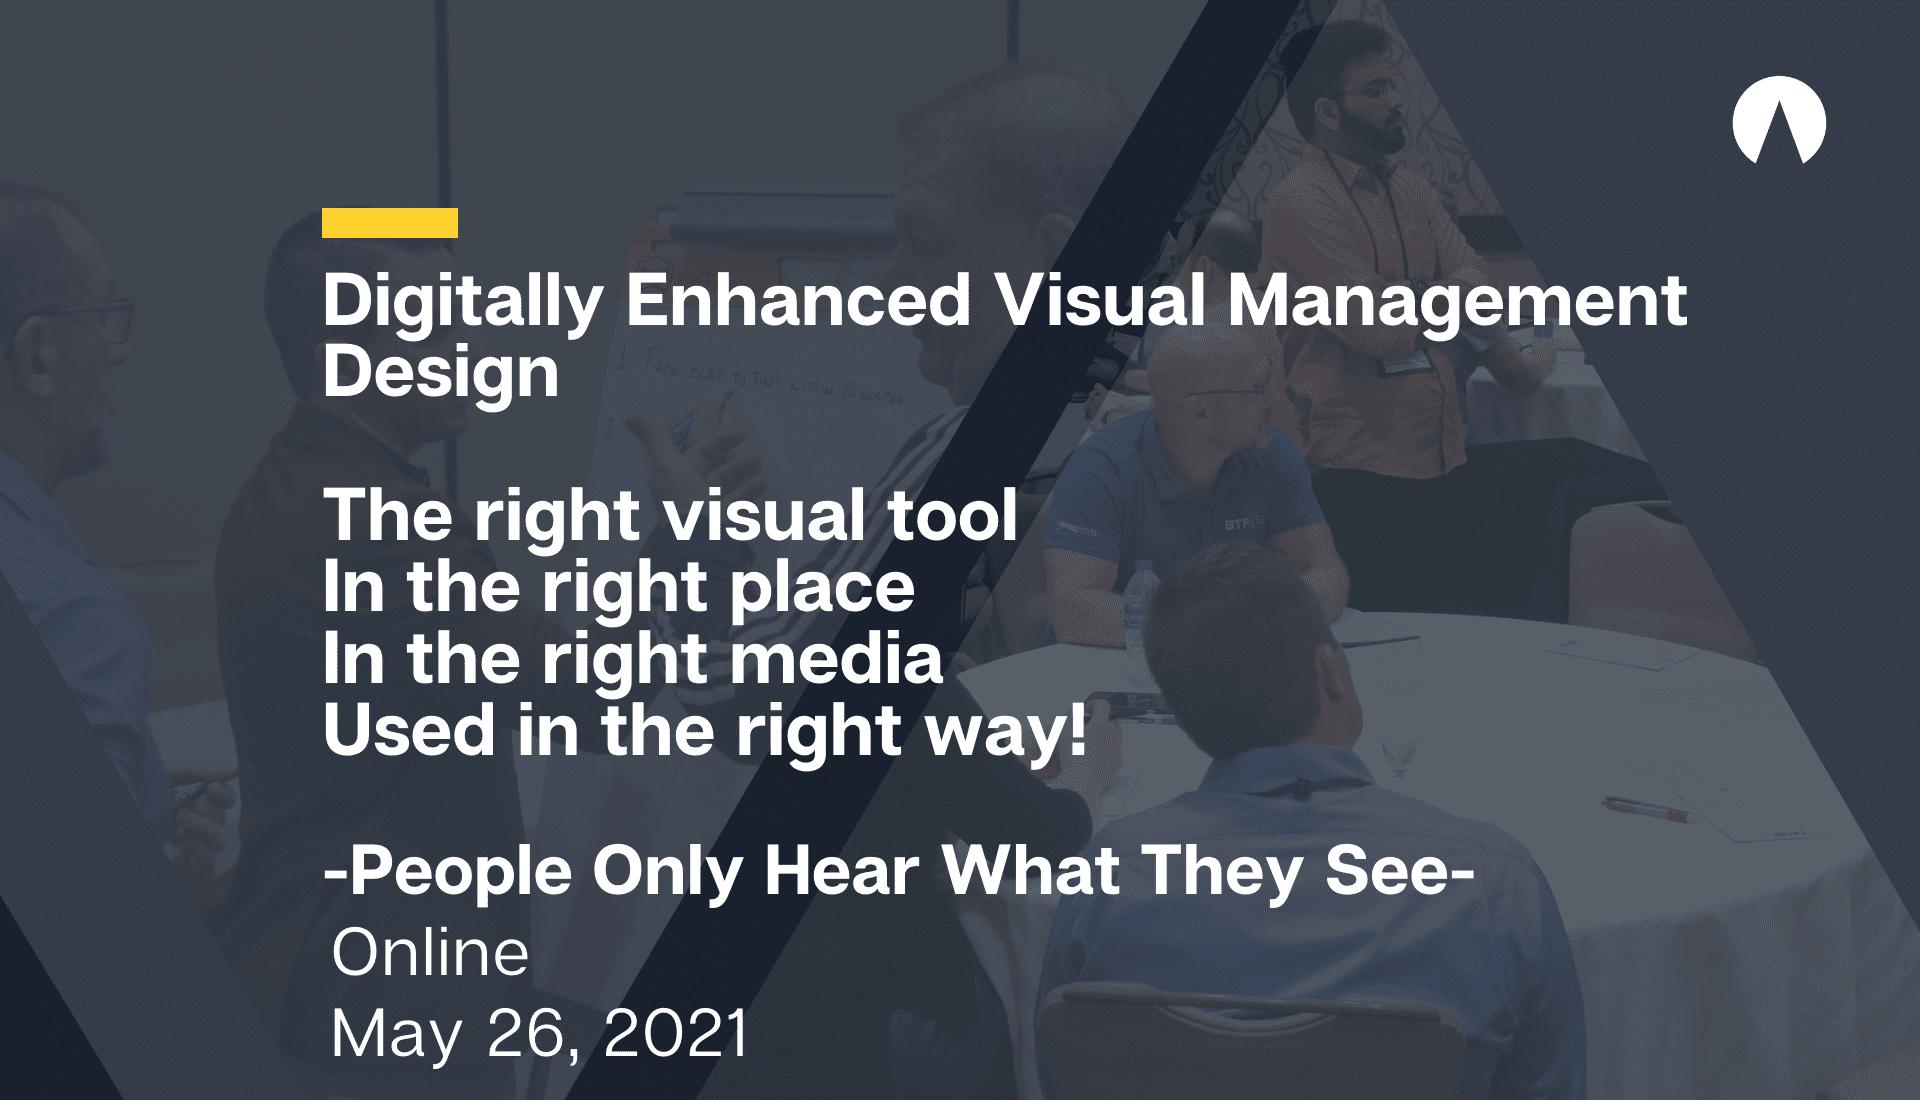 Digitally Enhanced Visual Management Design